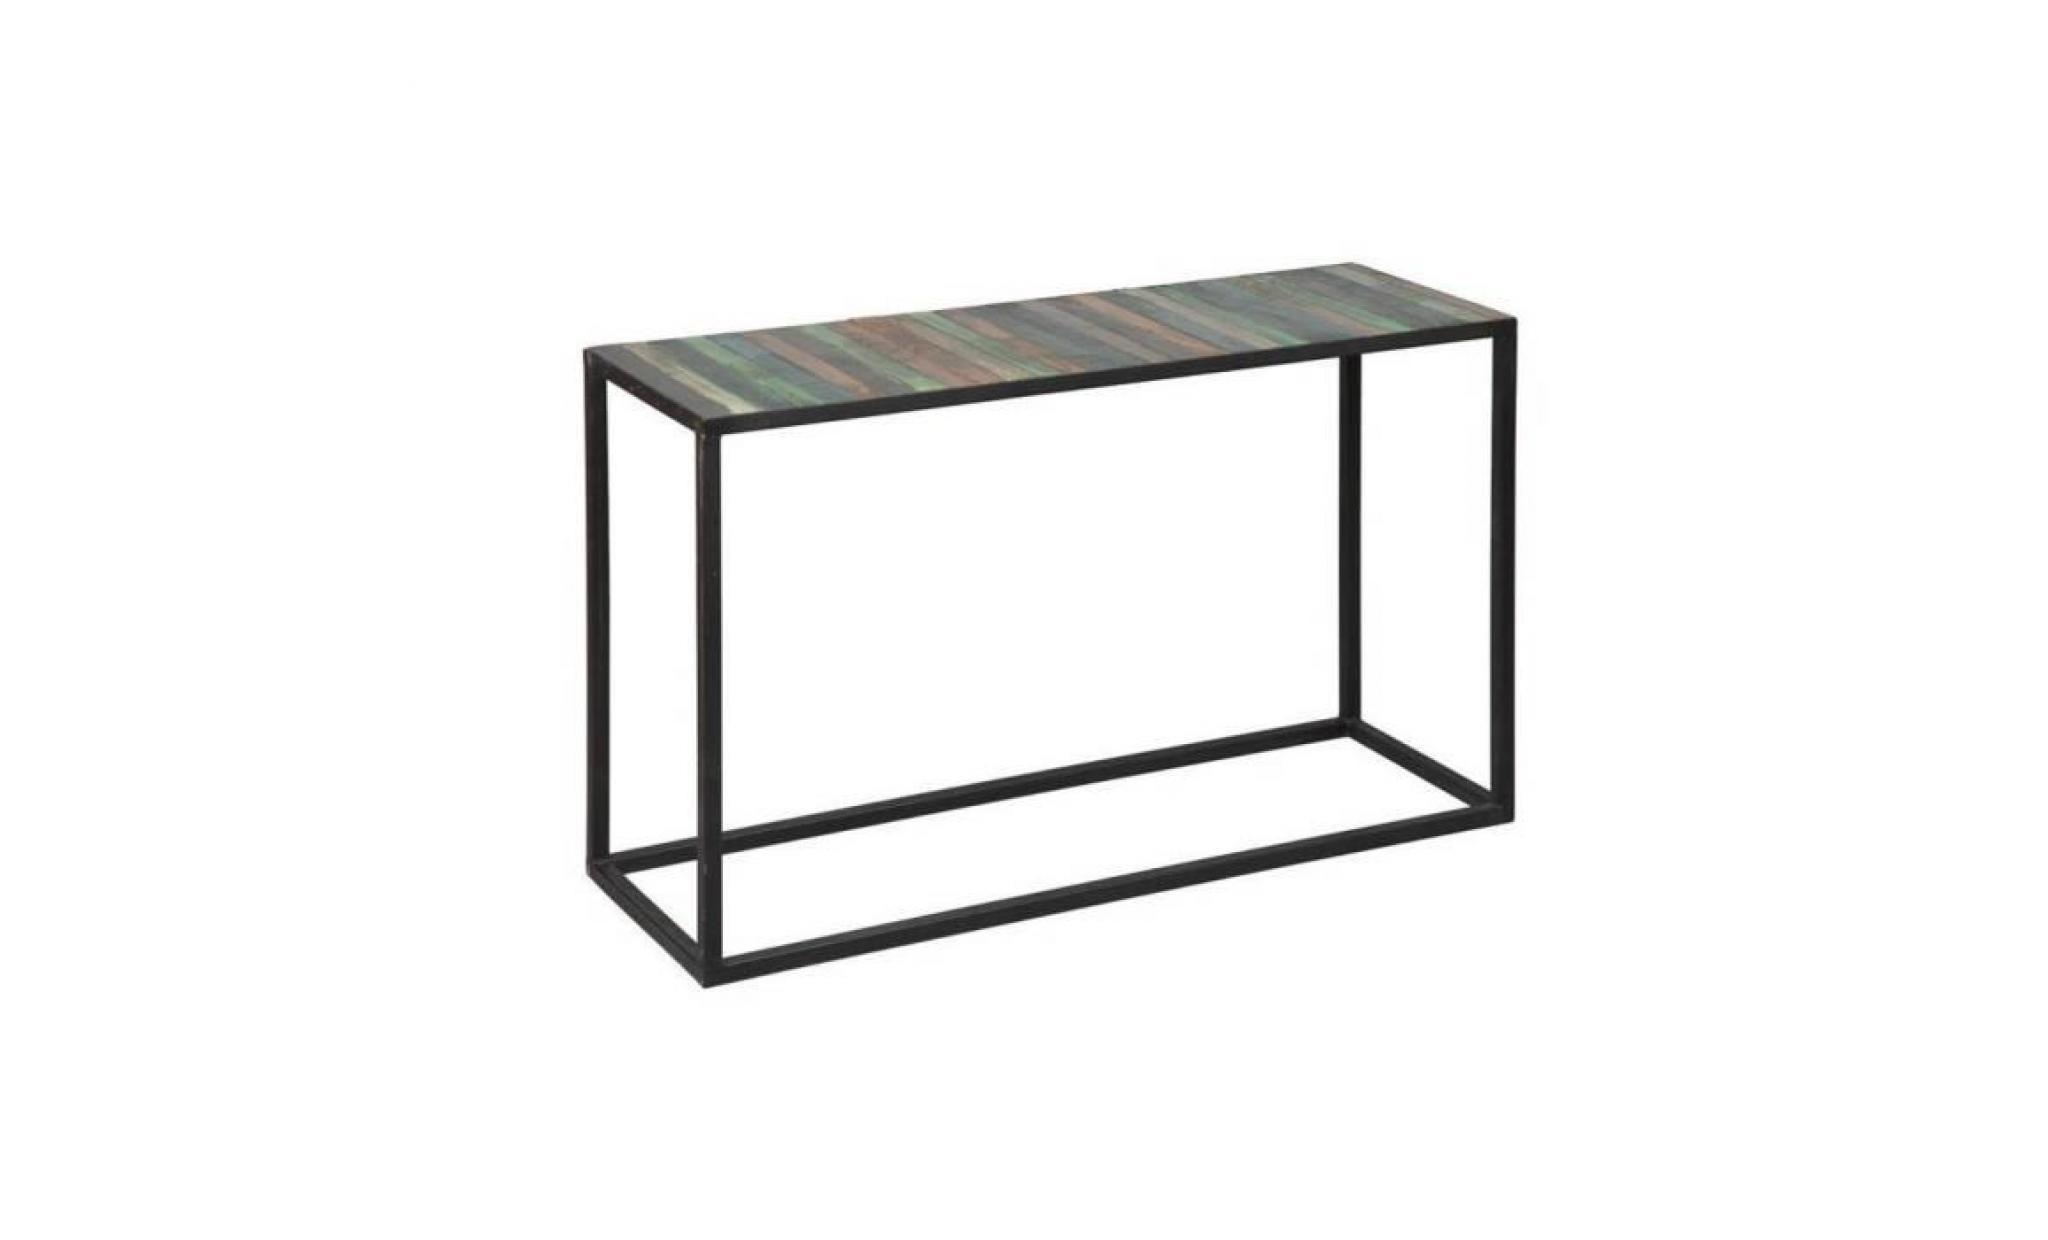 collection recover cr er une ambiance d 39 atelier d 39 usine boh me ou de loft industriel avec la. Black Bedroom Furniture Sets. Home Design Ideas